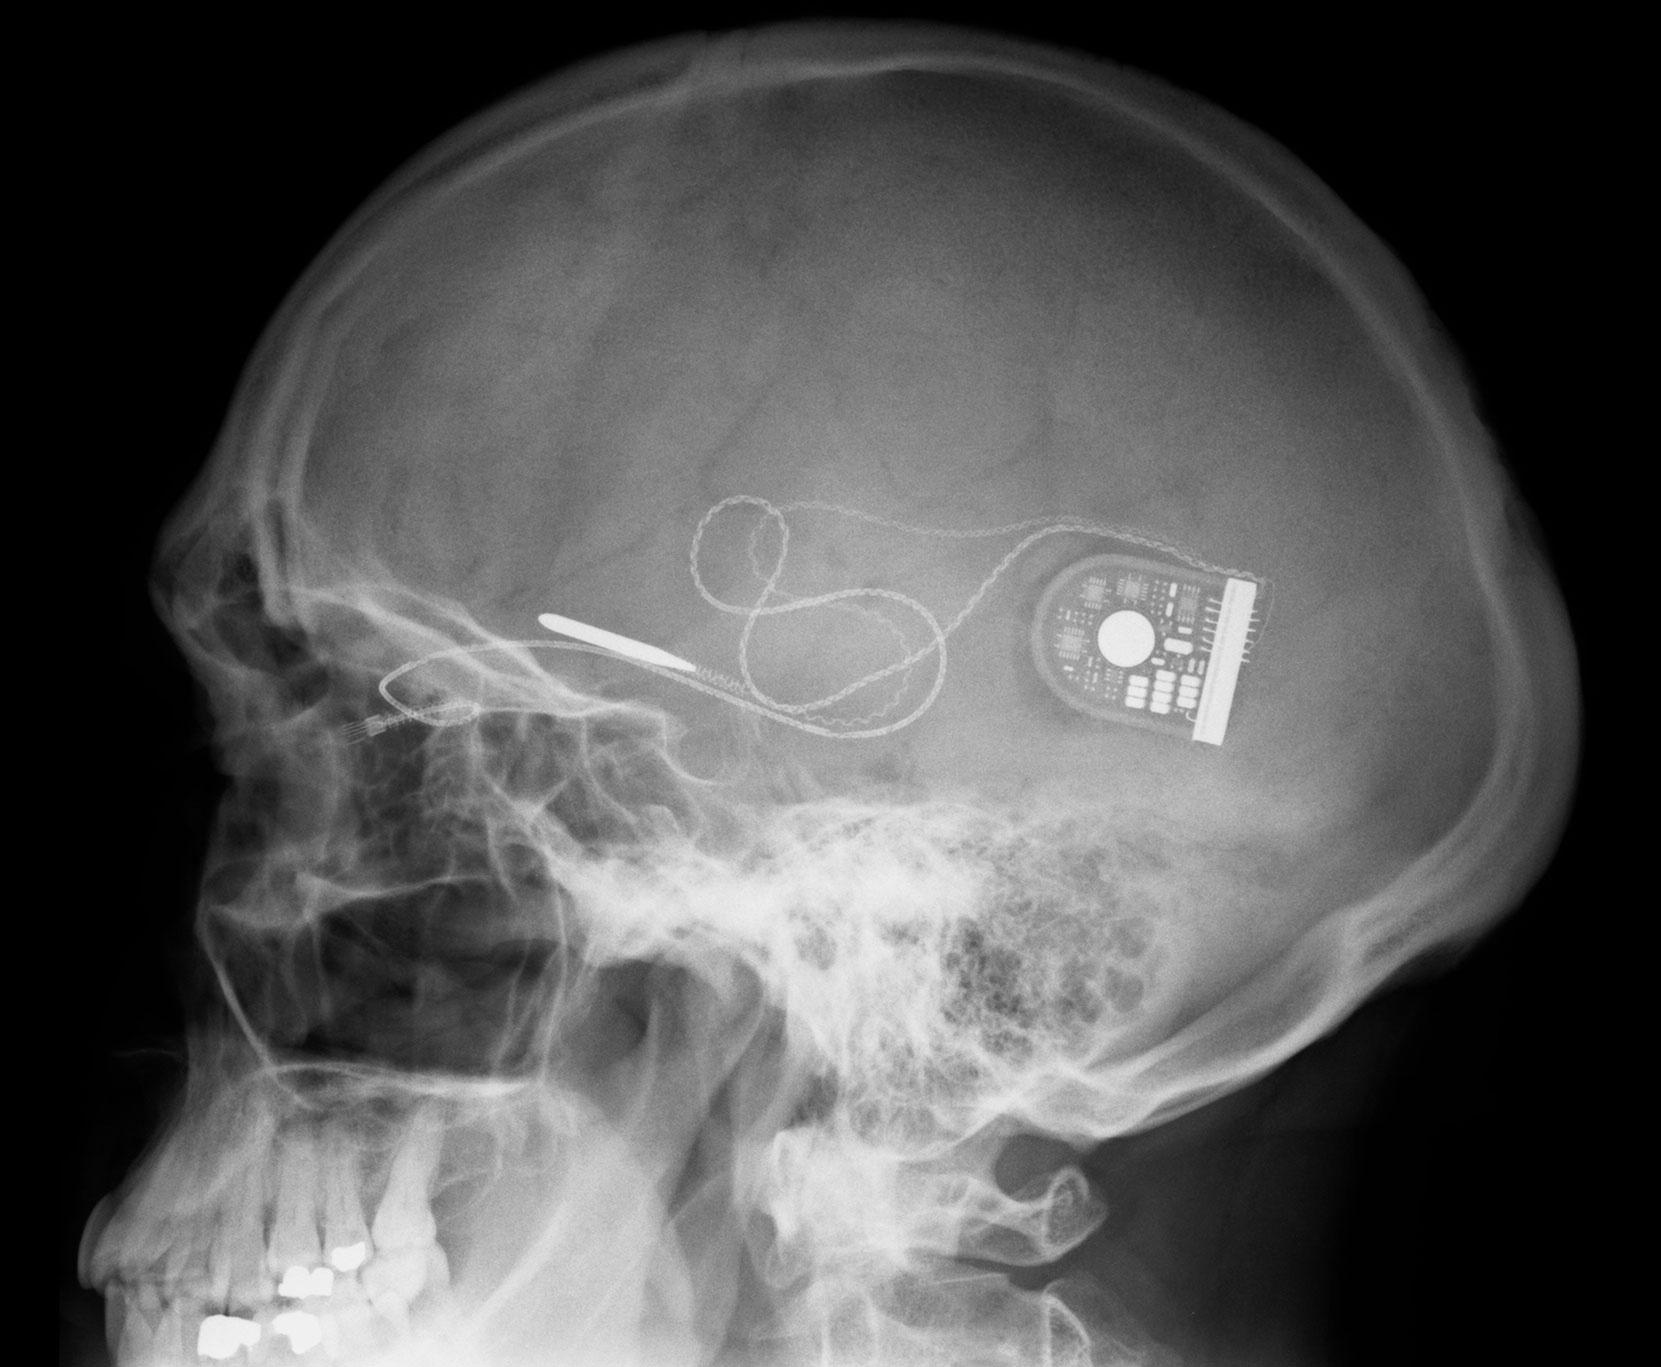 Современный имплантат сетчатки вместе сконтроллером иэлементом питания. Будущие имплантаты будут существенно меньших размеров.